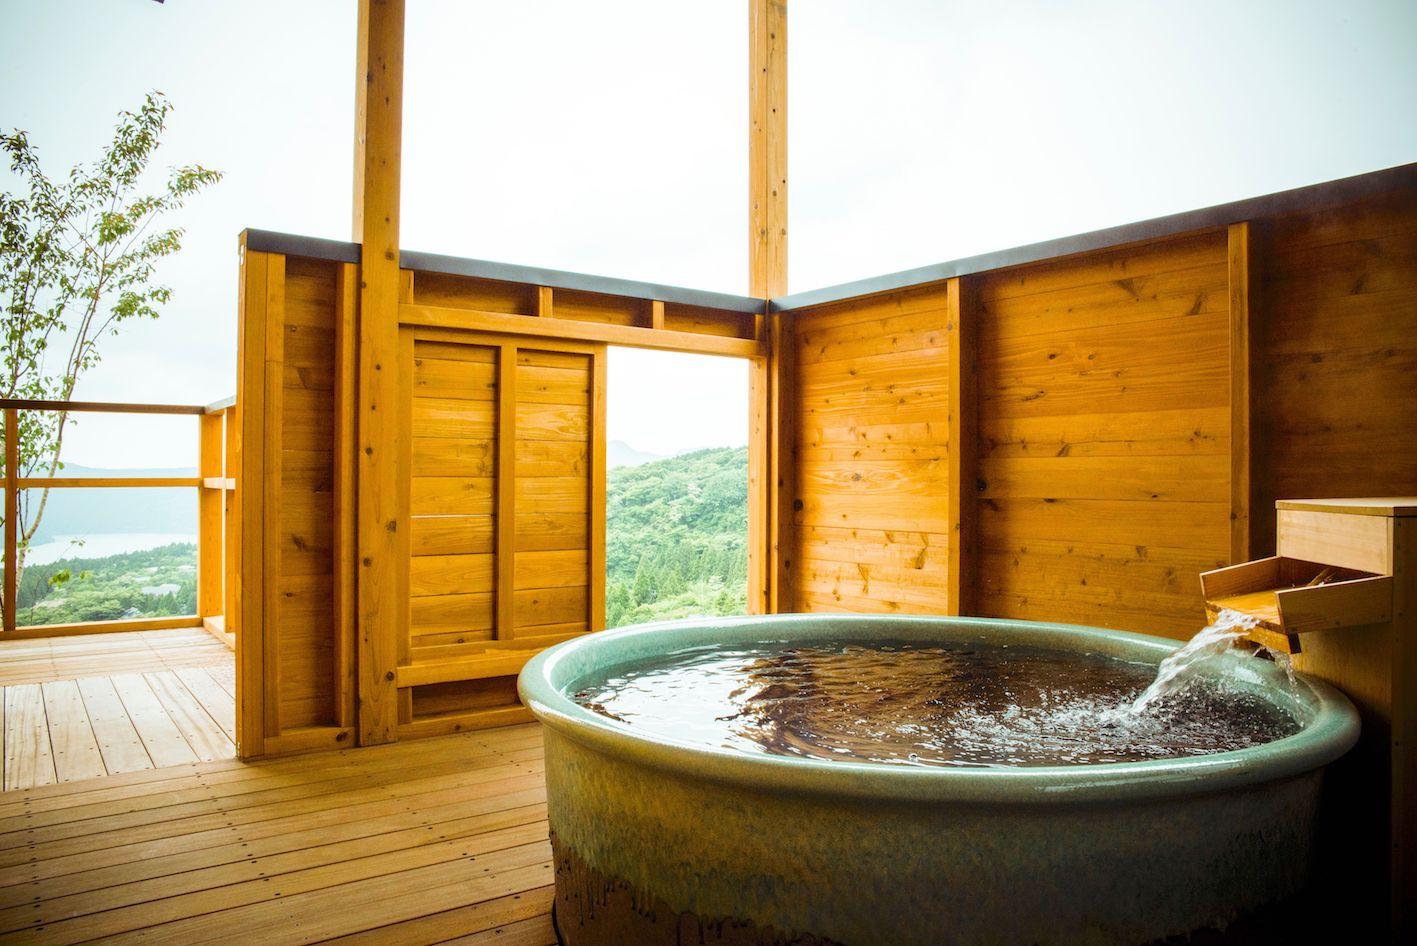 箱根の緑に囲まれたヴィラで、極上の湯を楽しむ贅沢な休日